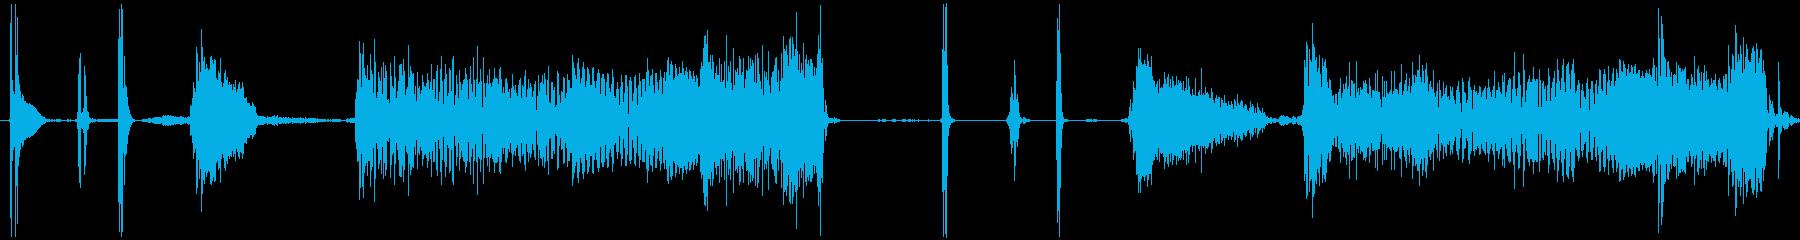 【ワウ/ギター/わかちこアイキャッチ】の再生済みの波形